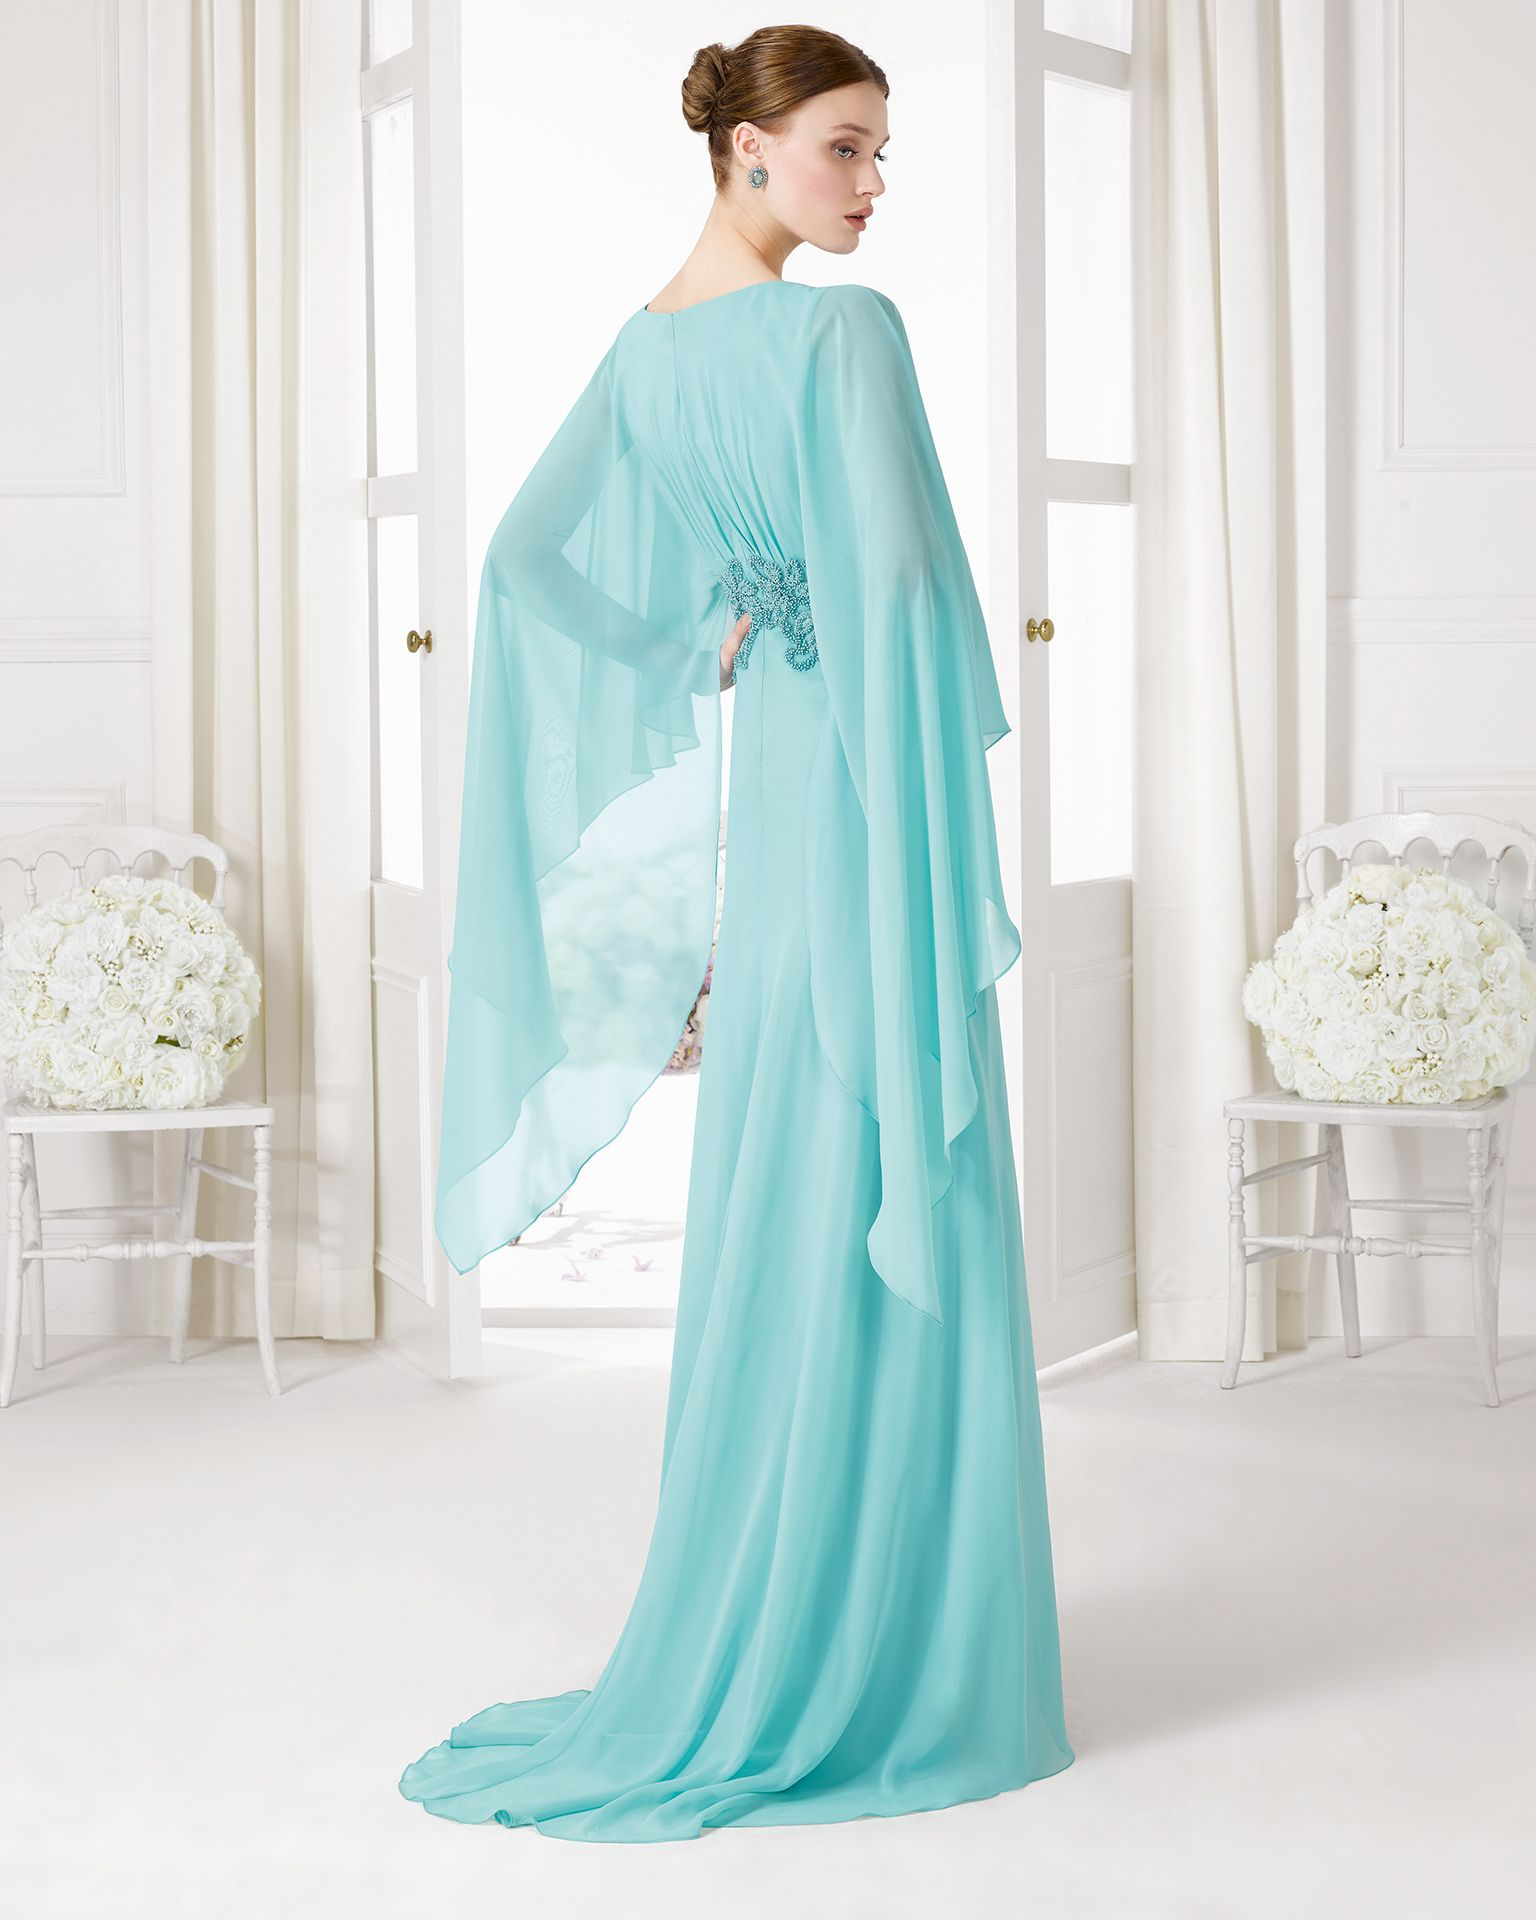 9U172 vestido de fiesta en gasa y pedreria. | vestidos con ziniutd ...